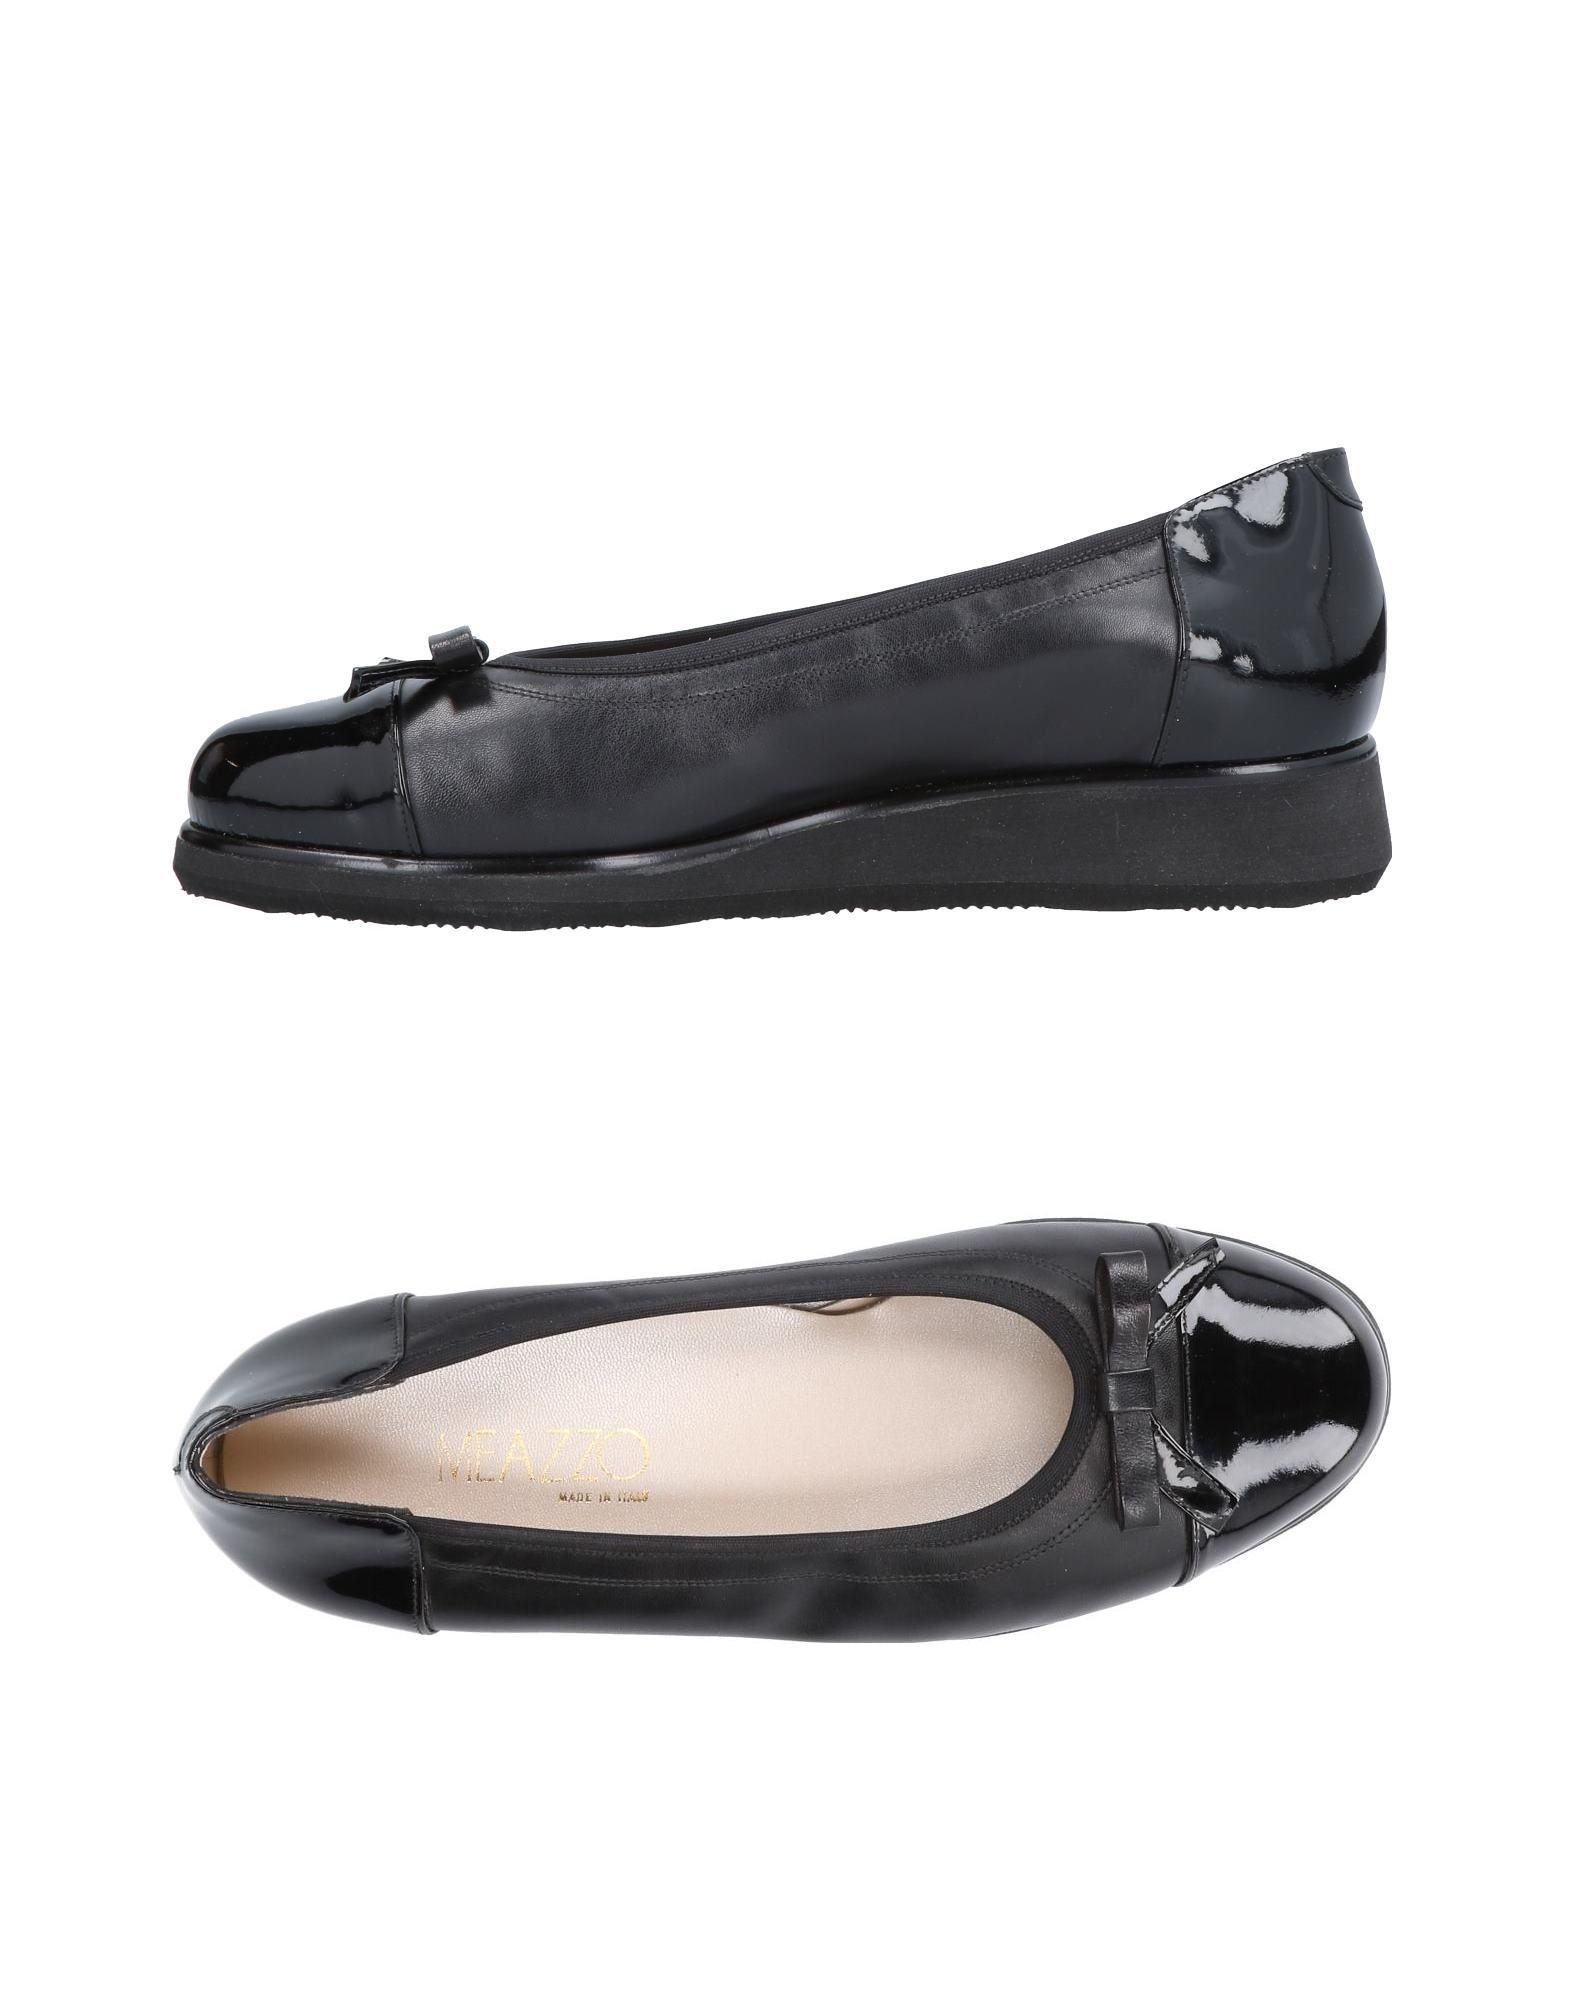 Meazzo Pumps Damen  11481766AL Gute Qualität beliebte Schuhe Schuhe Schuhe f0b5ae